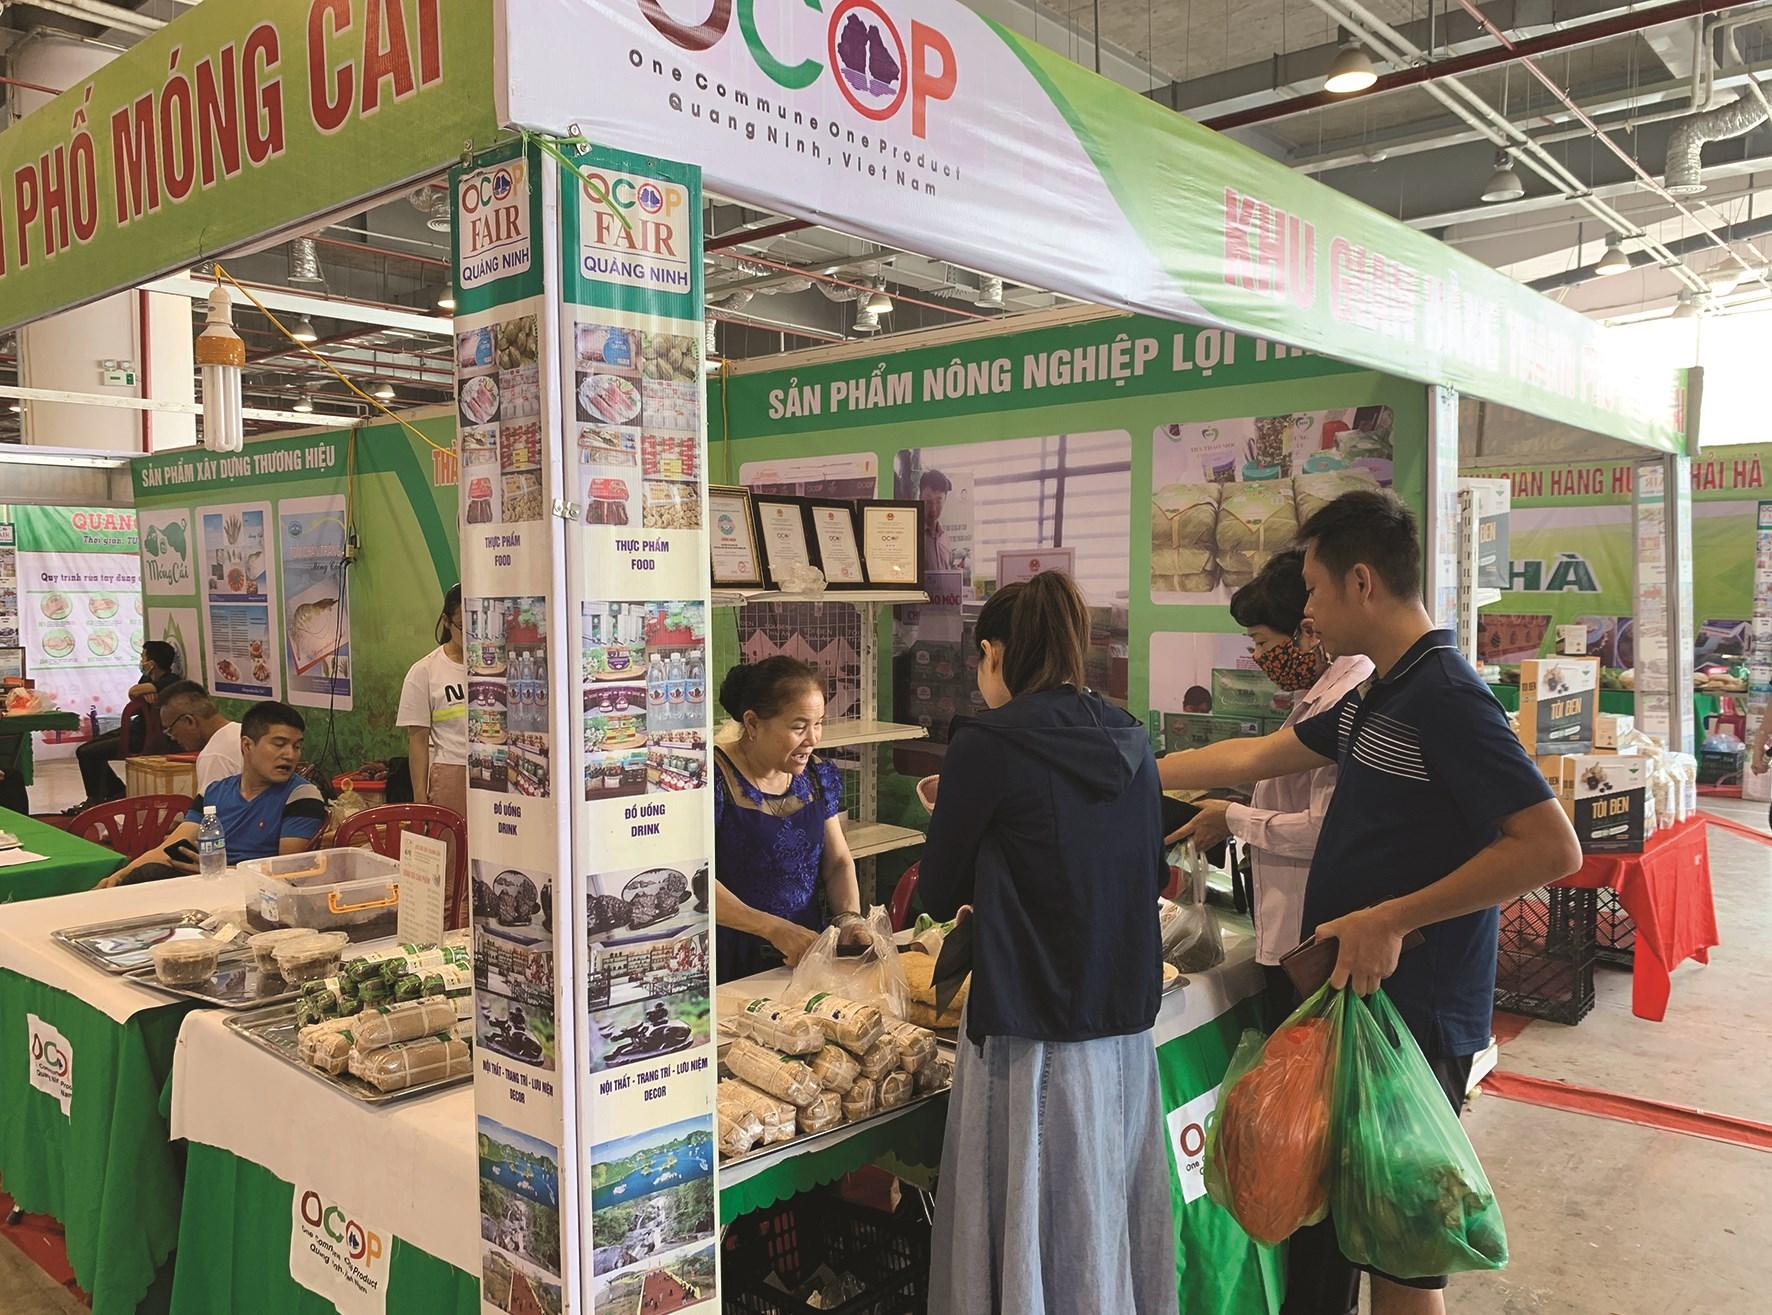 Các sản phẩm OCOP vùng DTTS và miền núi tỉnh Quảng Ninh thu hút được nhiều sự quan tâm của du khách.